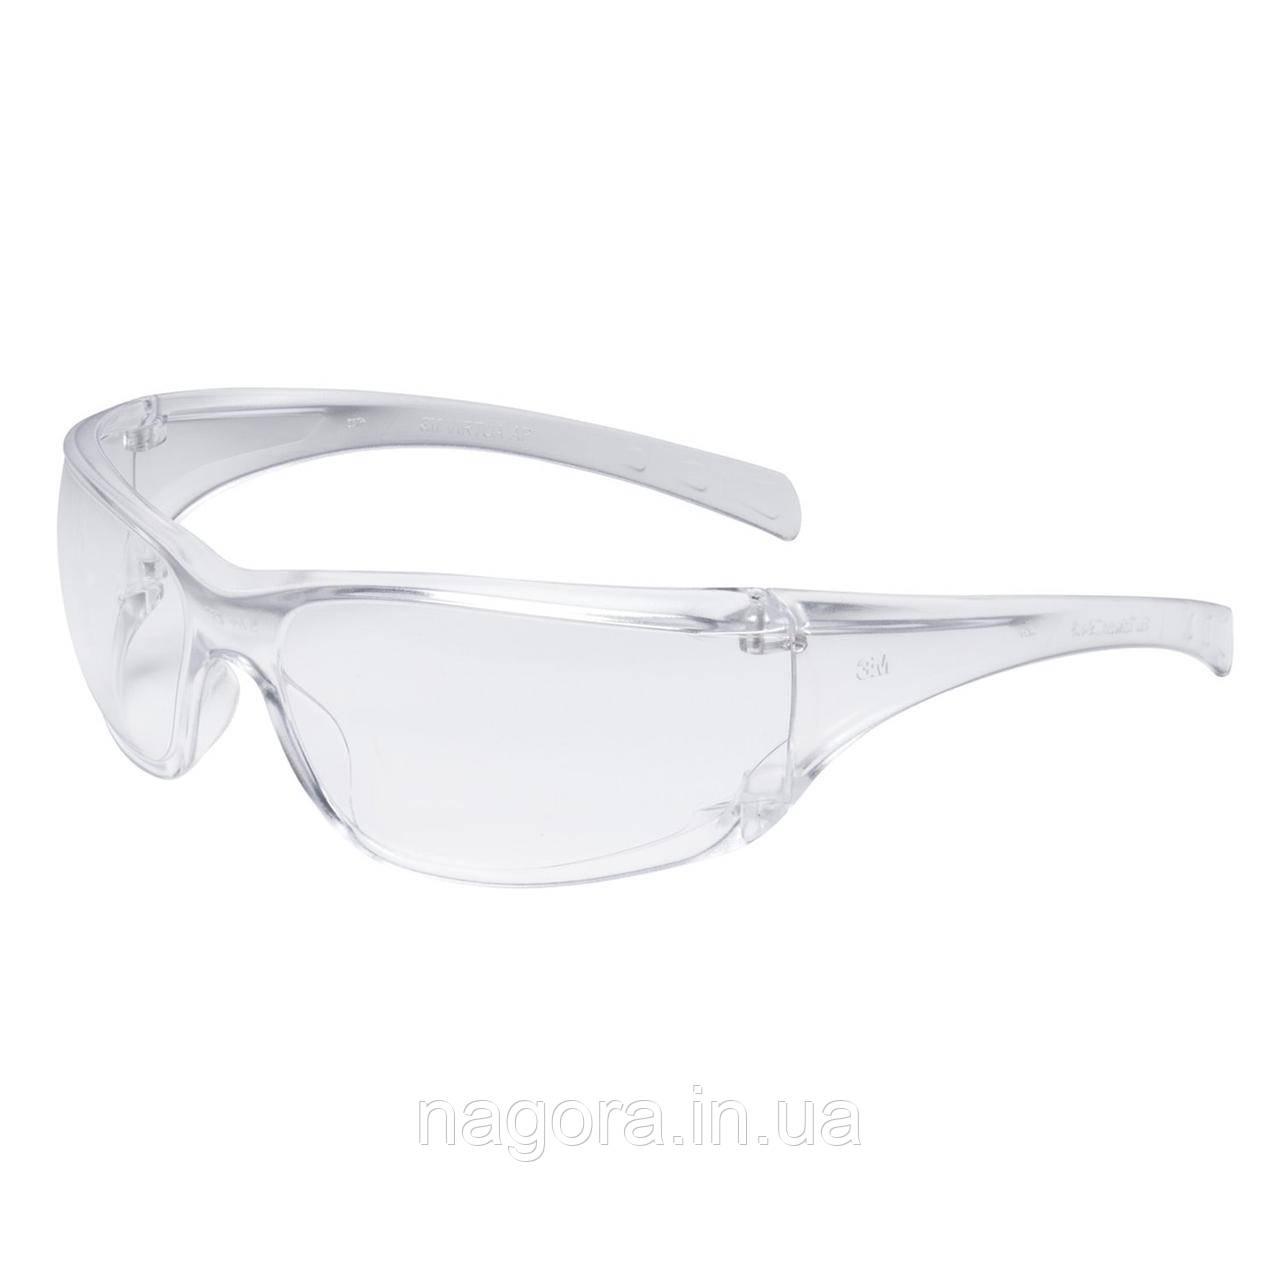 Захисні окуляри 3M™ серії Virtua AP полікарбонатна лінза AS прозорі